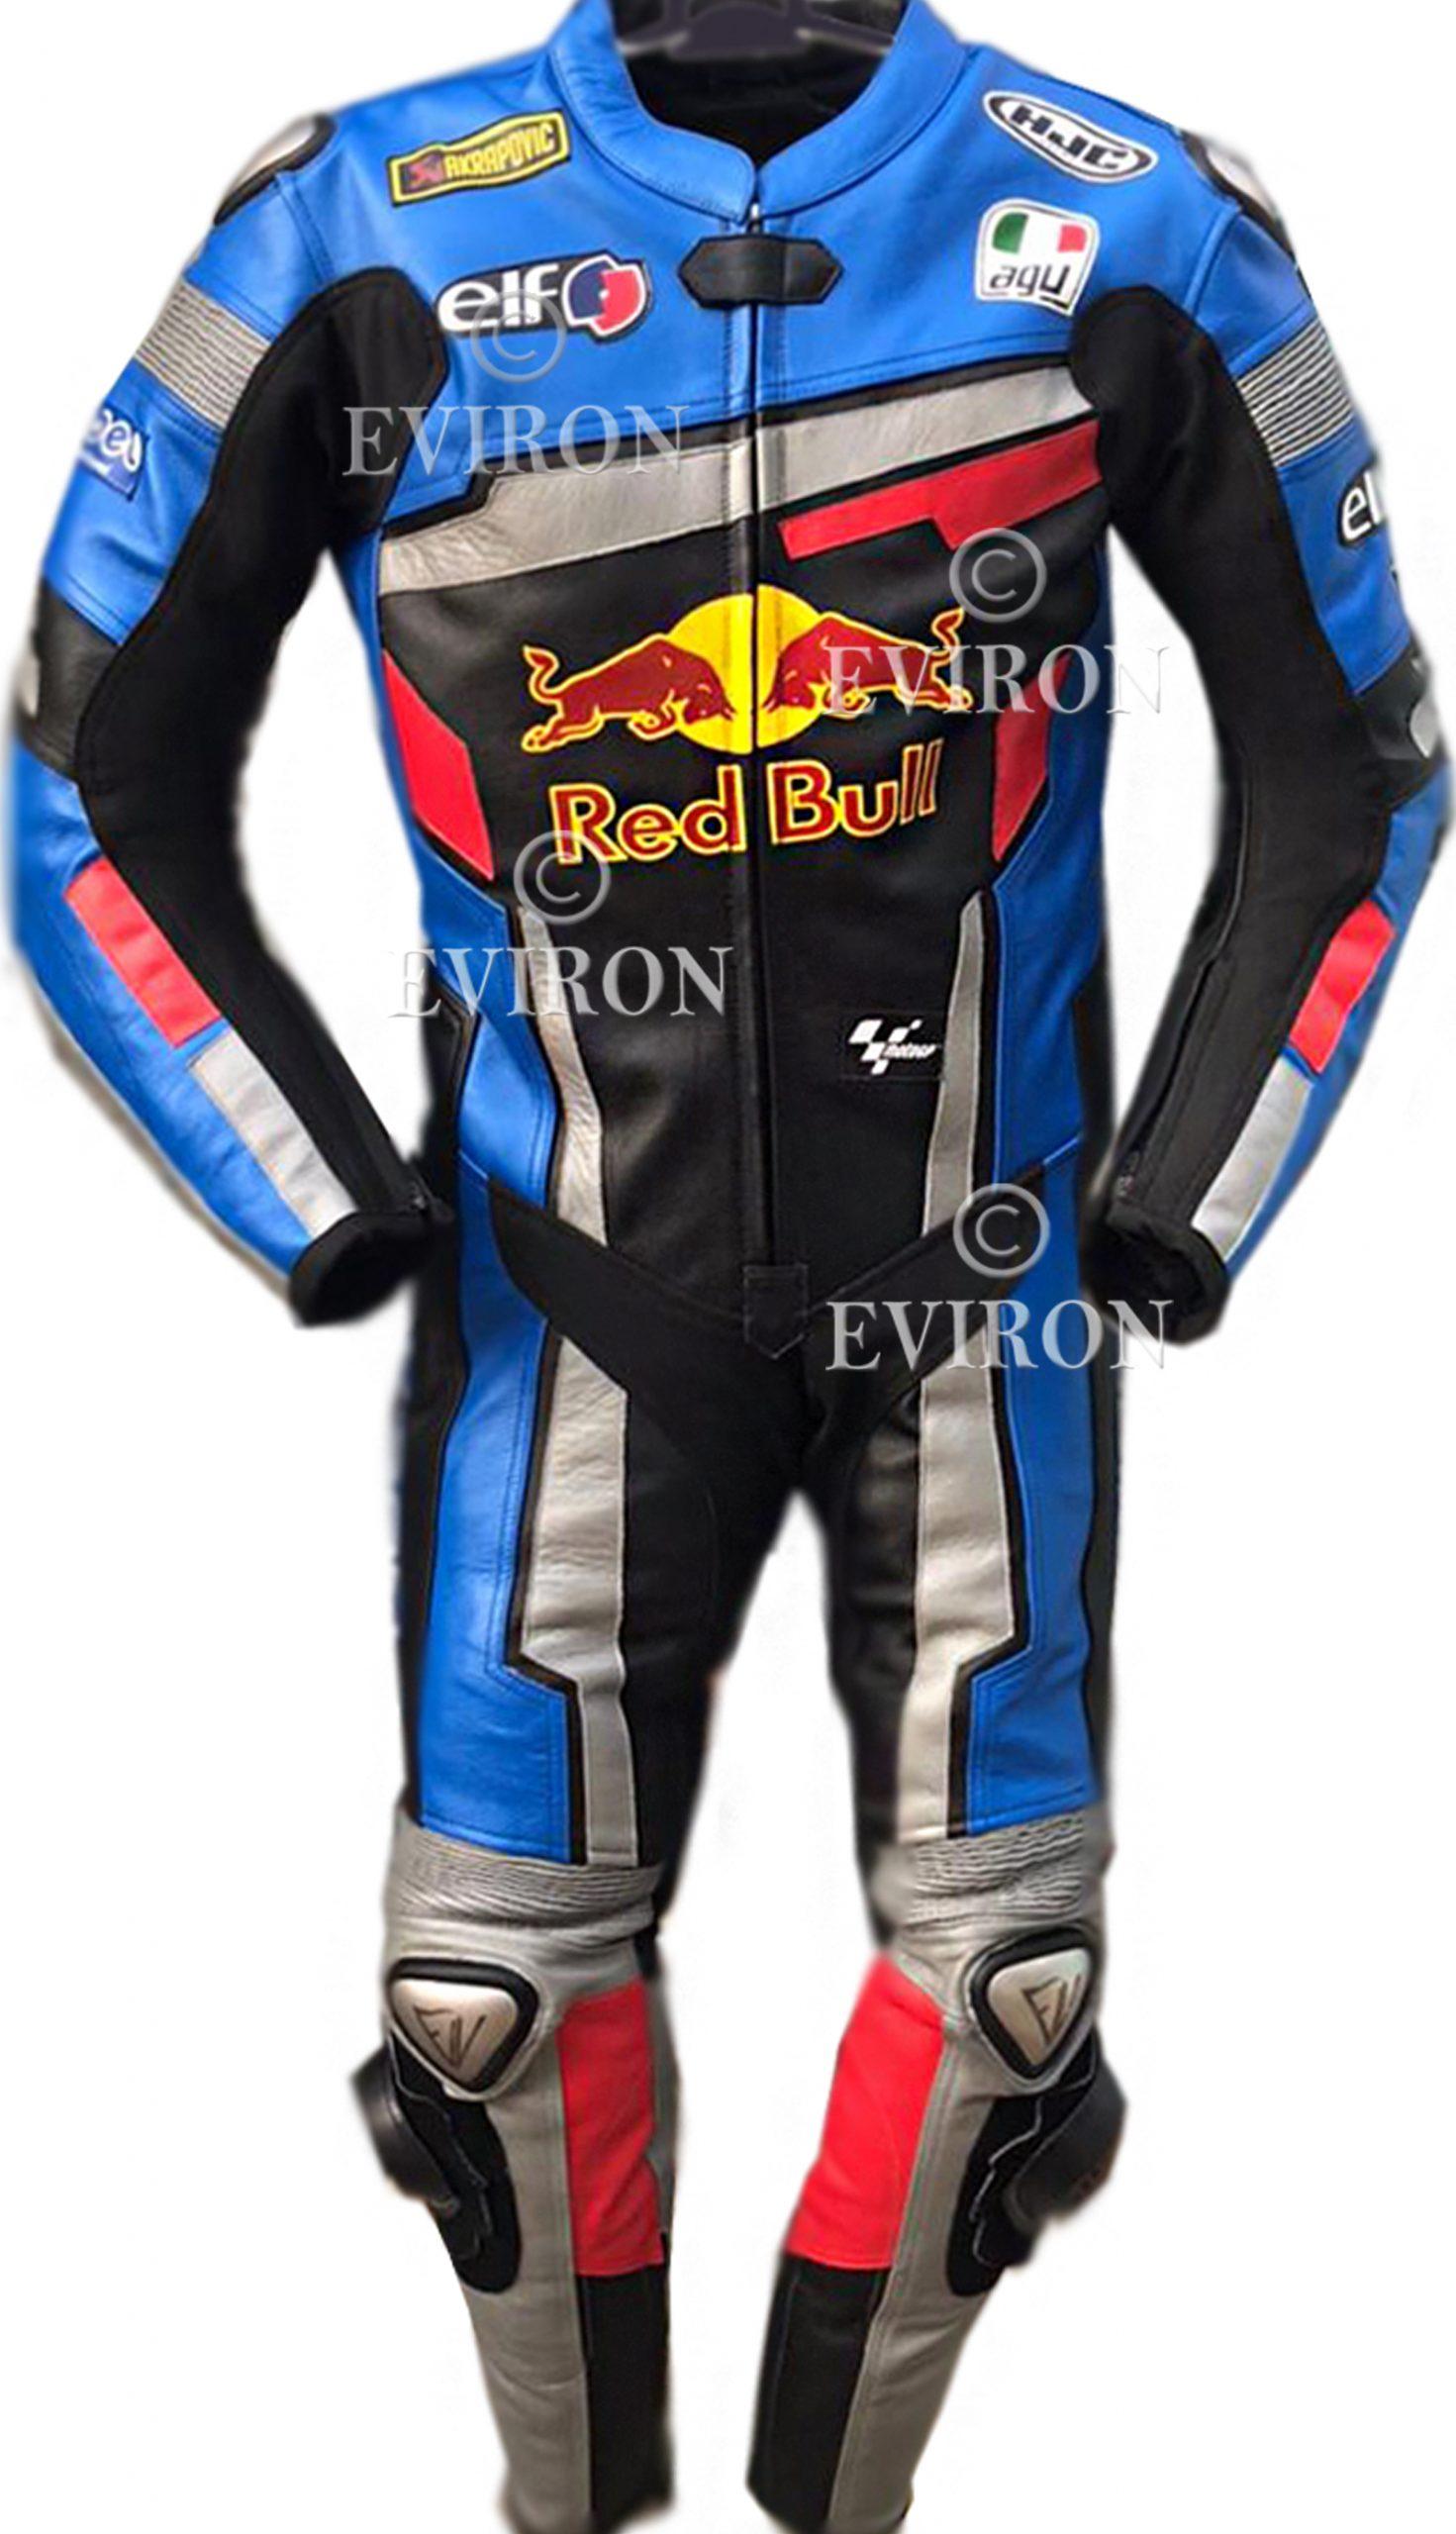 New Blue Suit